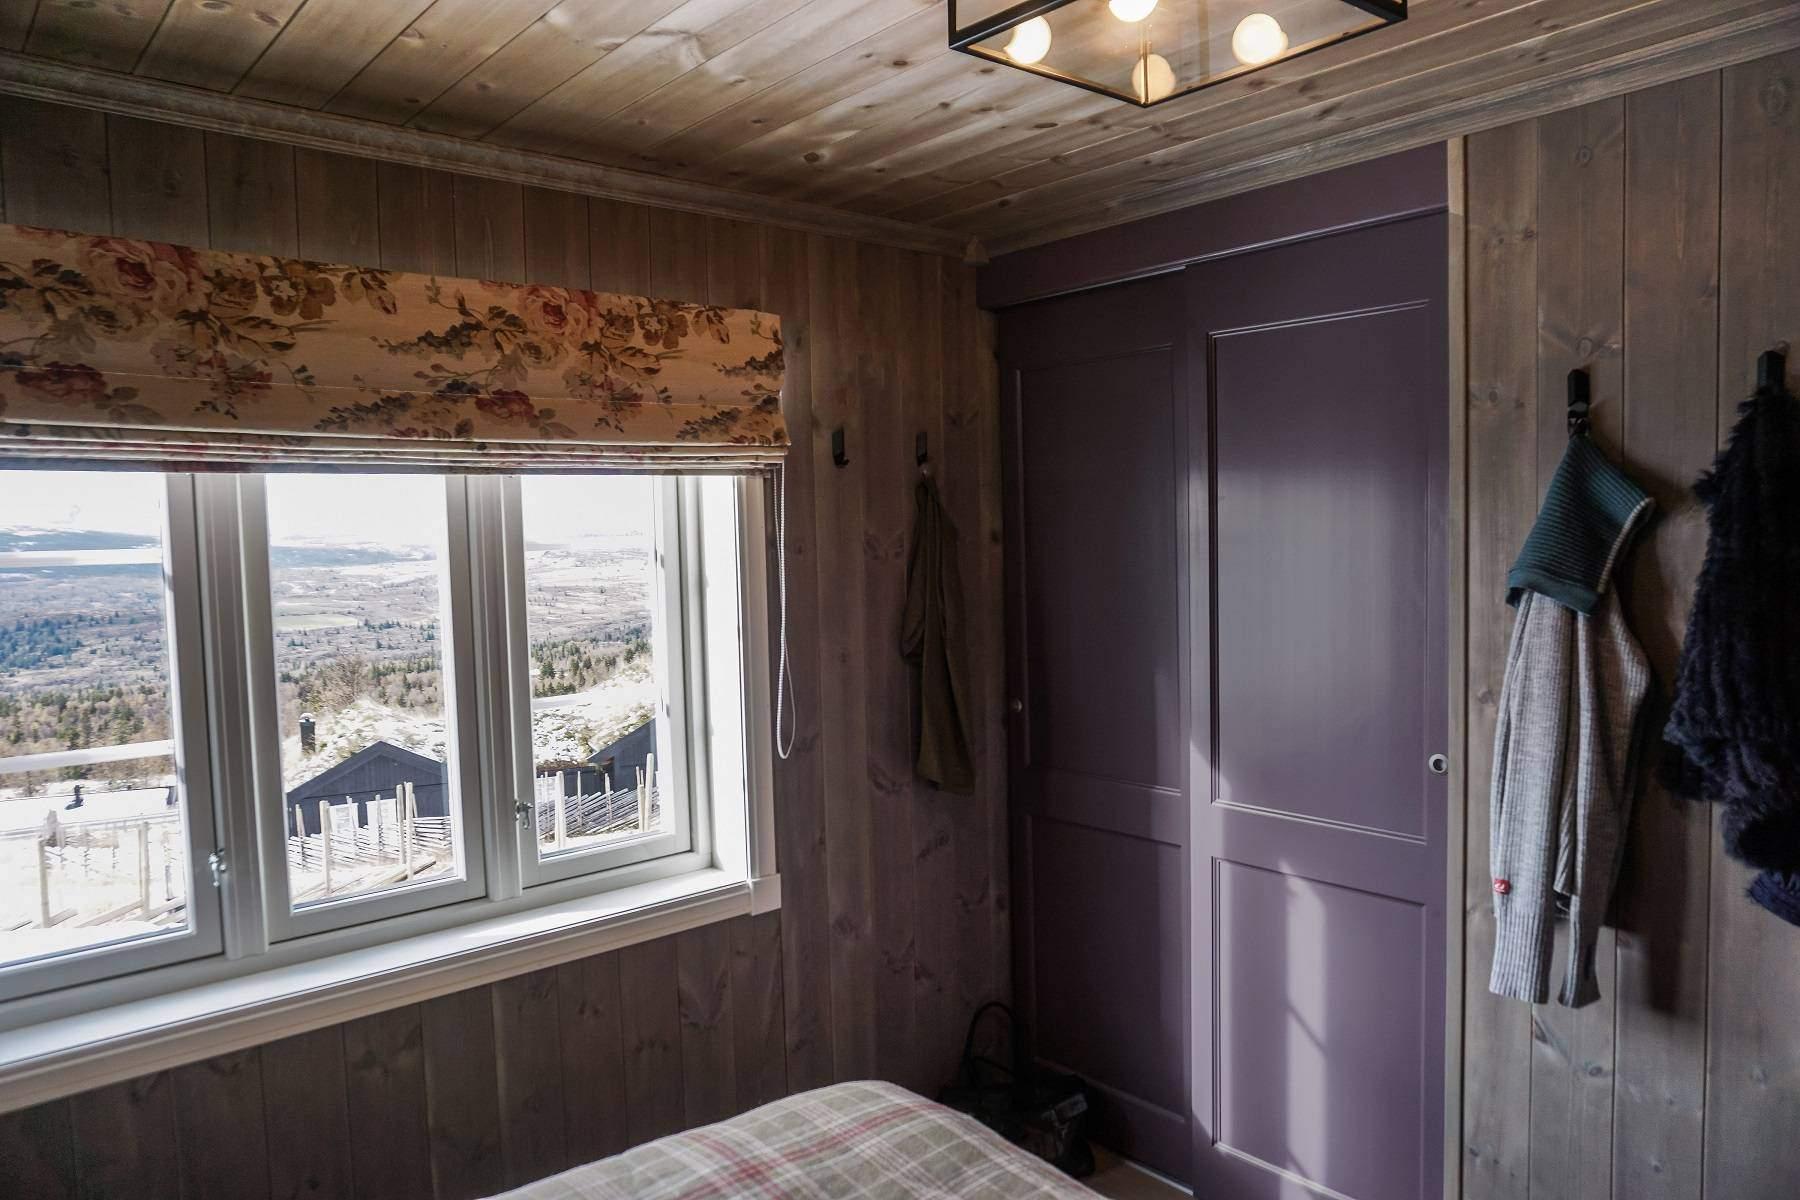 410 Hyttemodell Hytte Strynsfjell 122 Tiurtoppen Hytter. Soverom nr 1 med praktisk garderobenisje